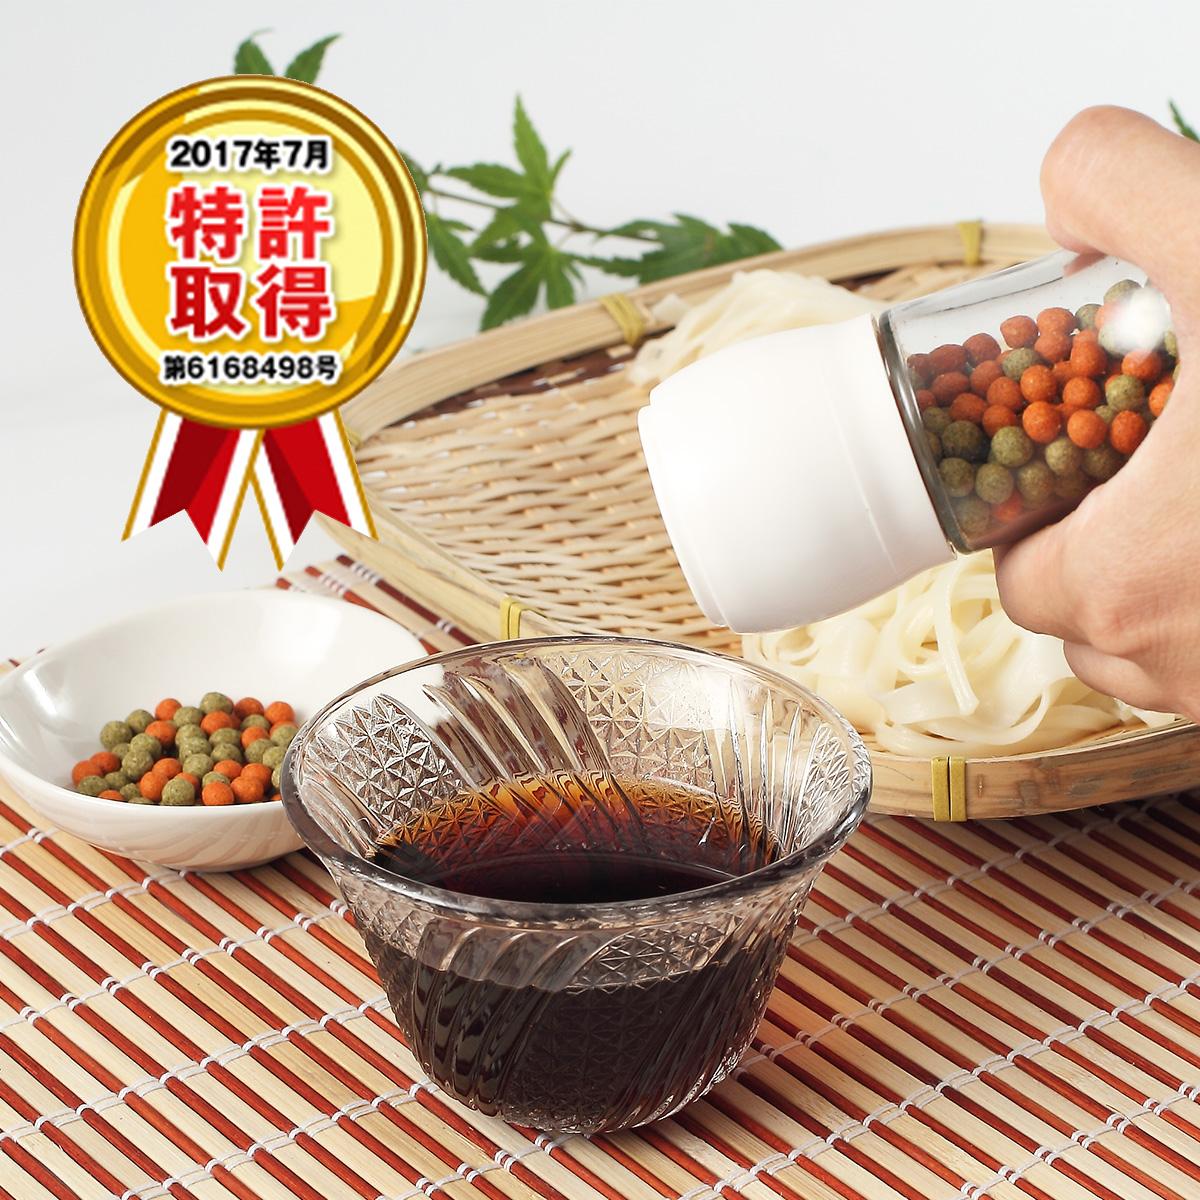 採れたて凝縮 香りと風味 弾ける旨さ 〈 ひきたて名人 〉特許取得(第6168498)ミル付 | 有限会社ヤマサン・滋賀県